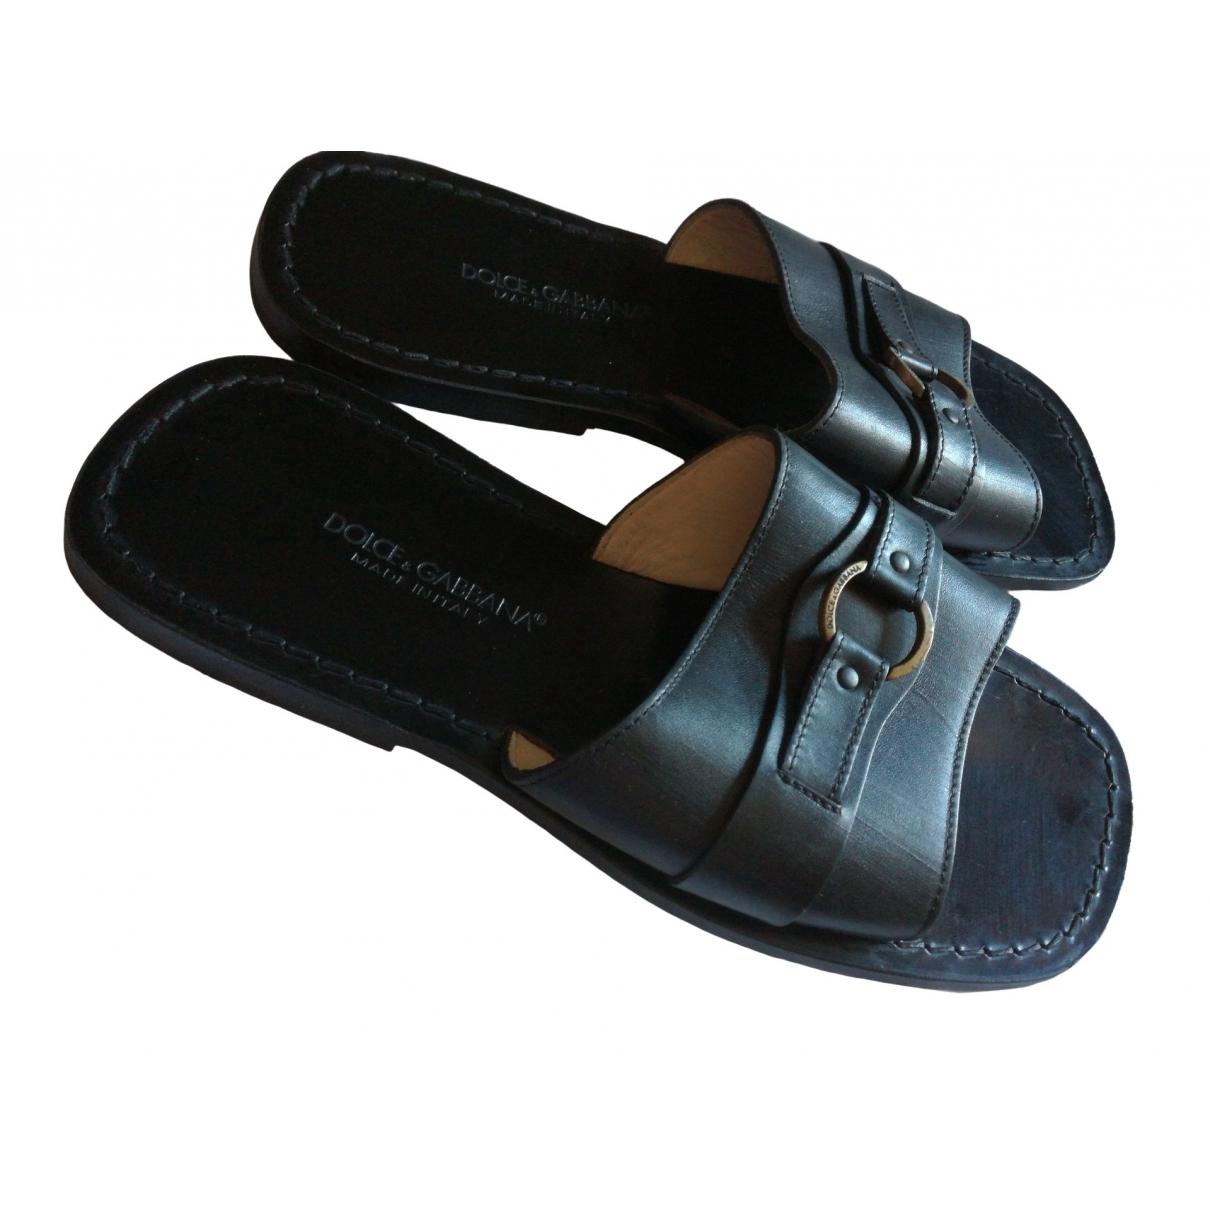 Dolce & Gabbana \N Black Leather Sandals for Men 8.5 UK